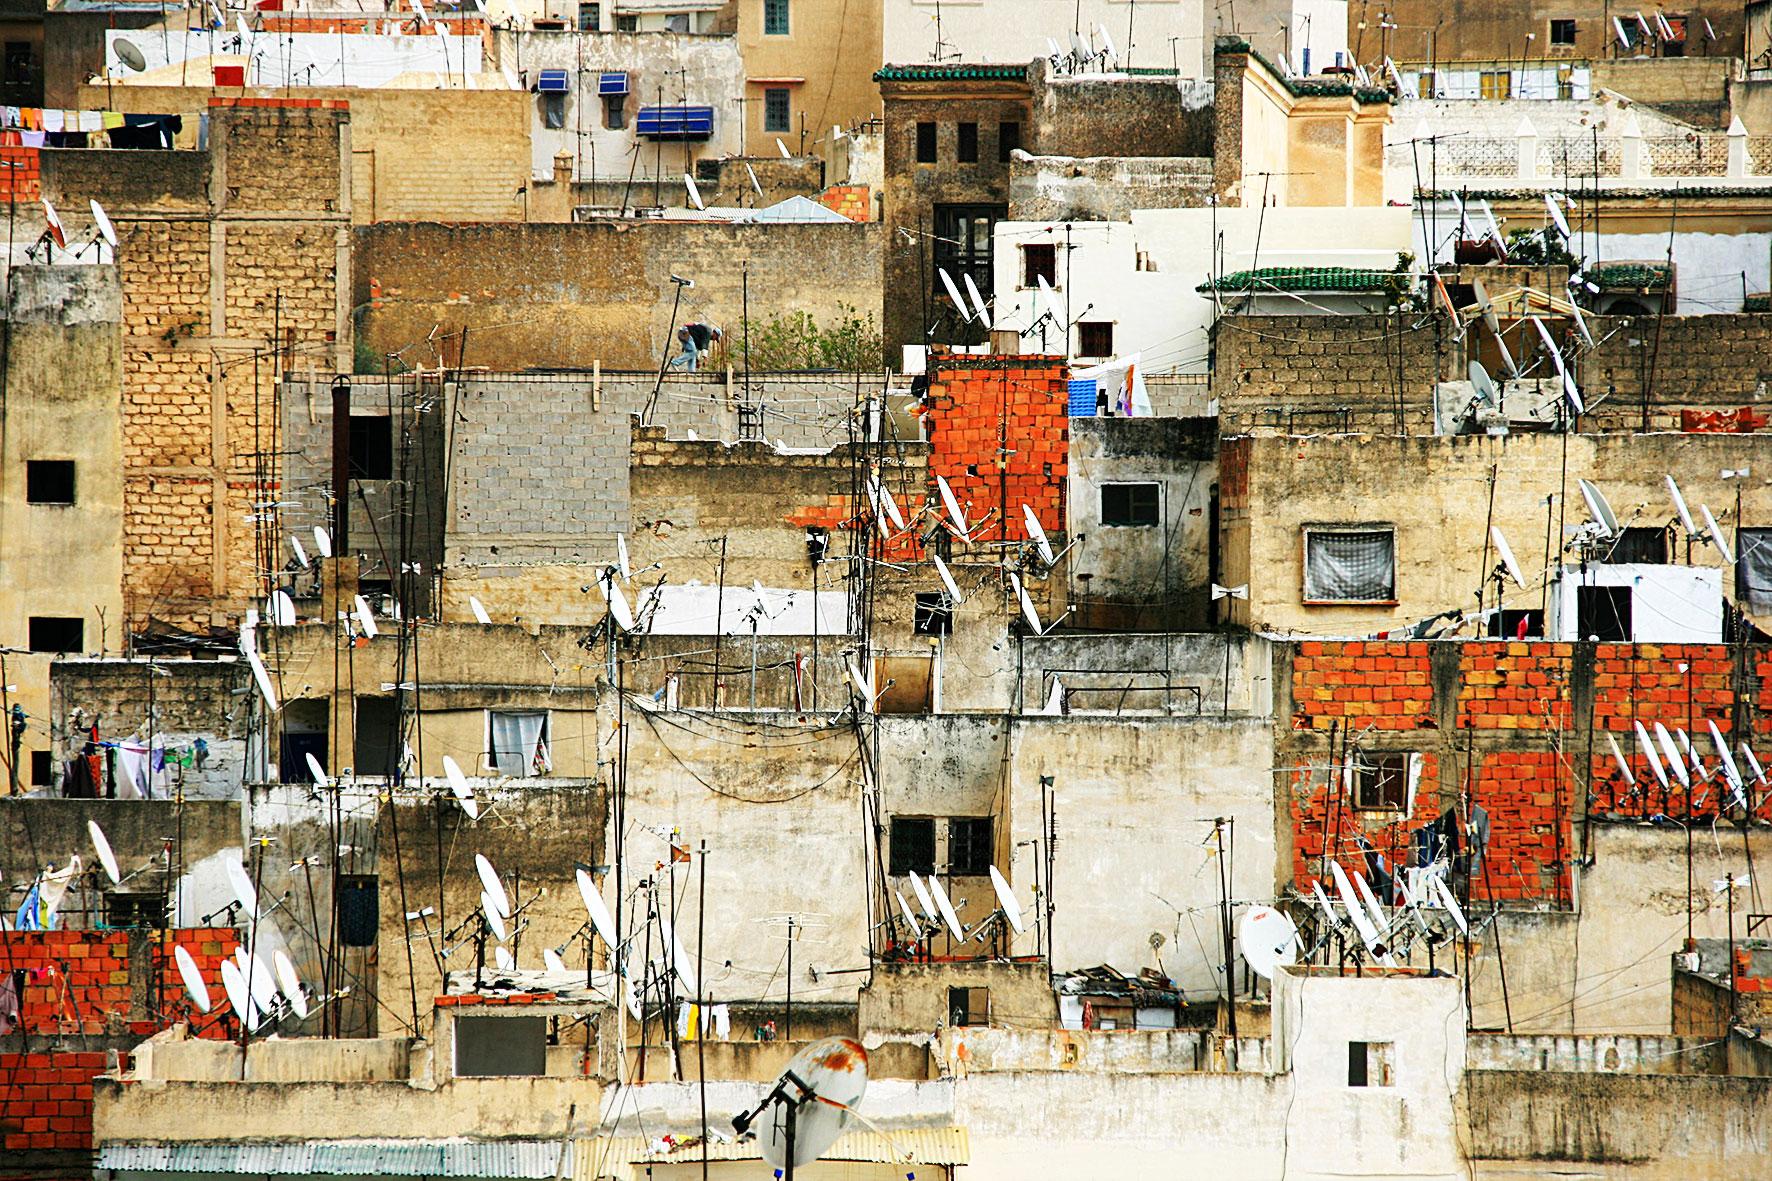 #Afrique 18. Maroc, Fès. 2009